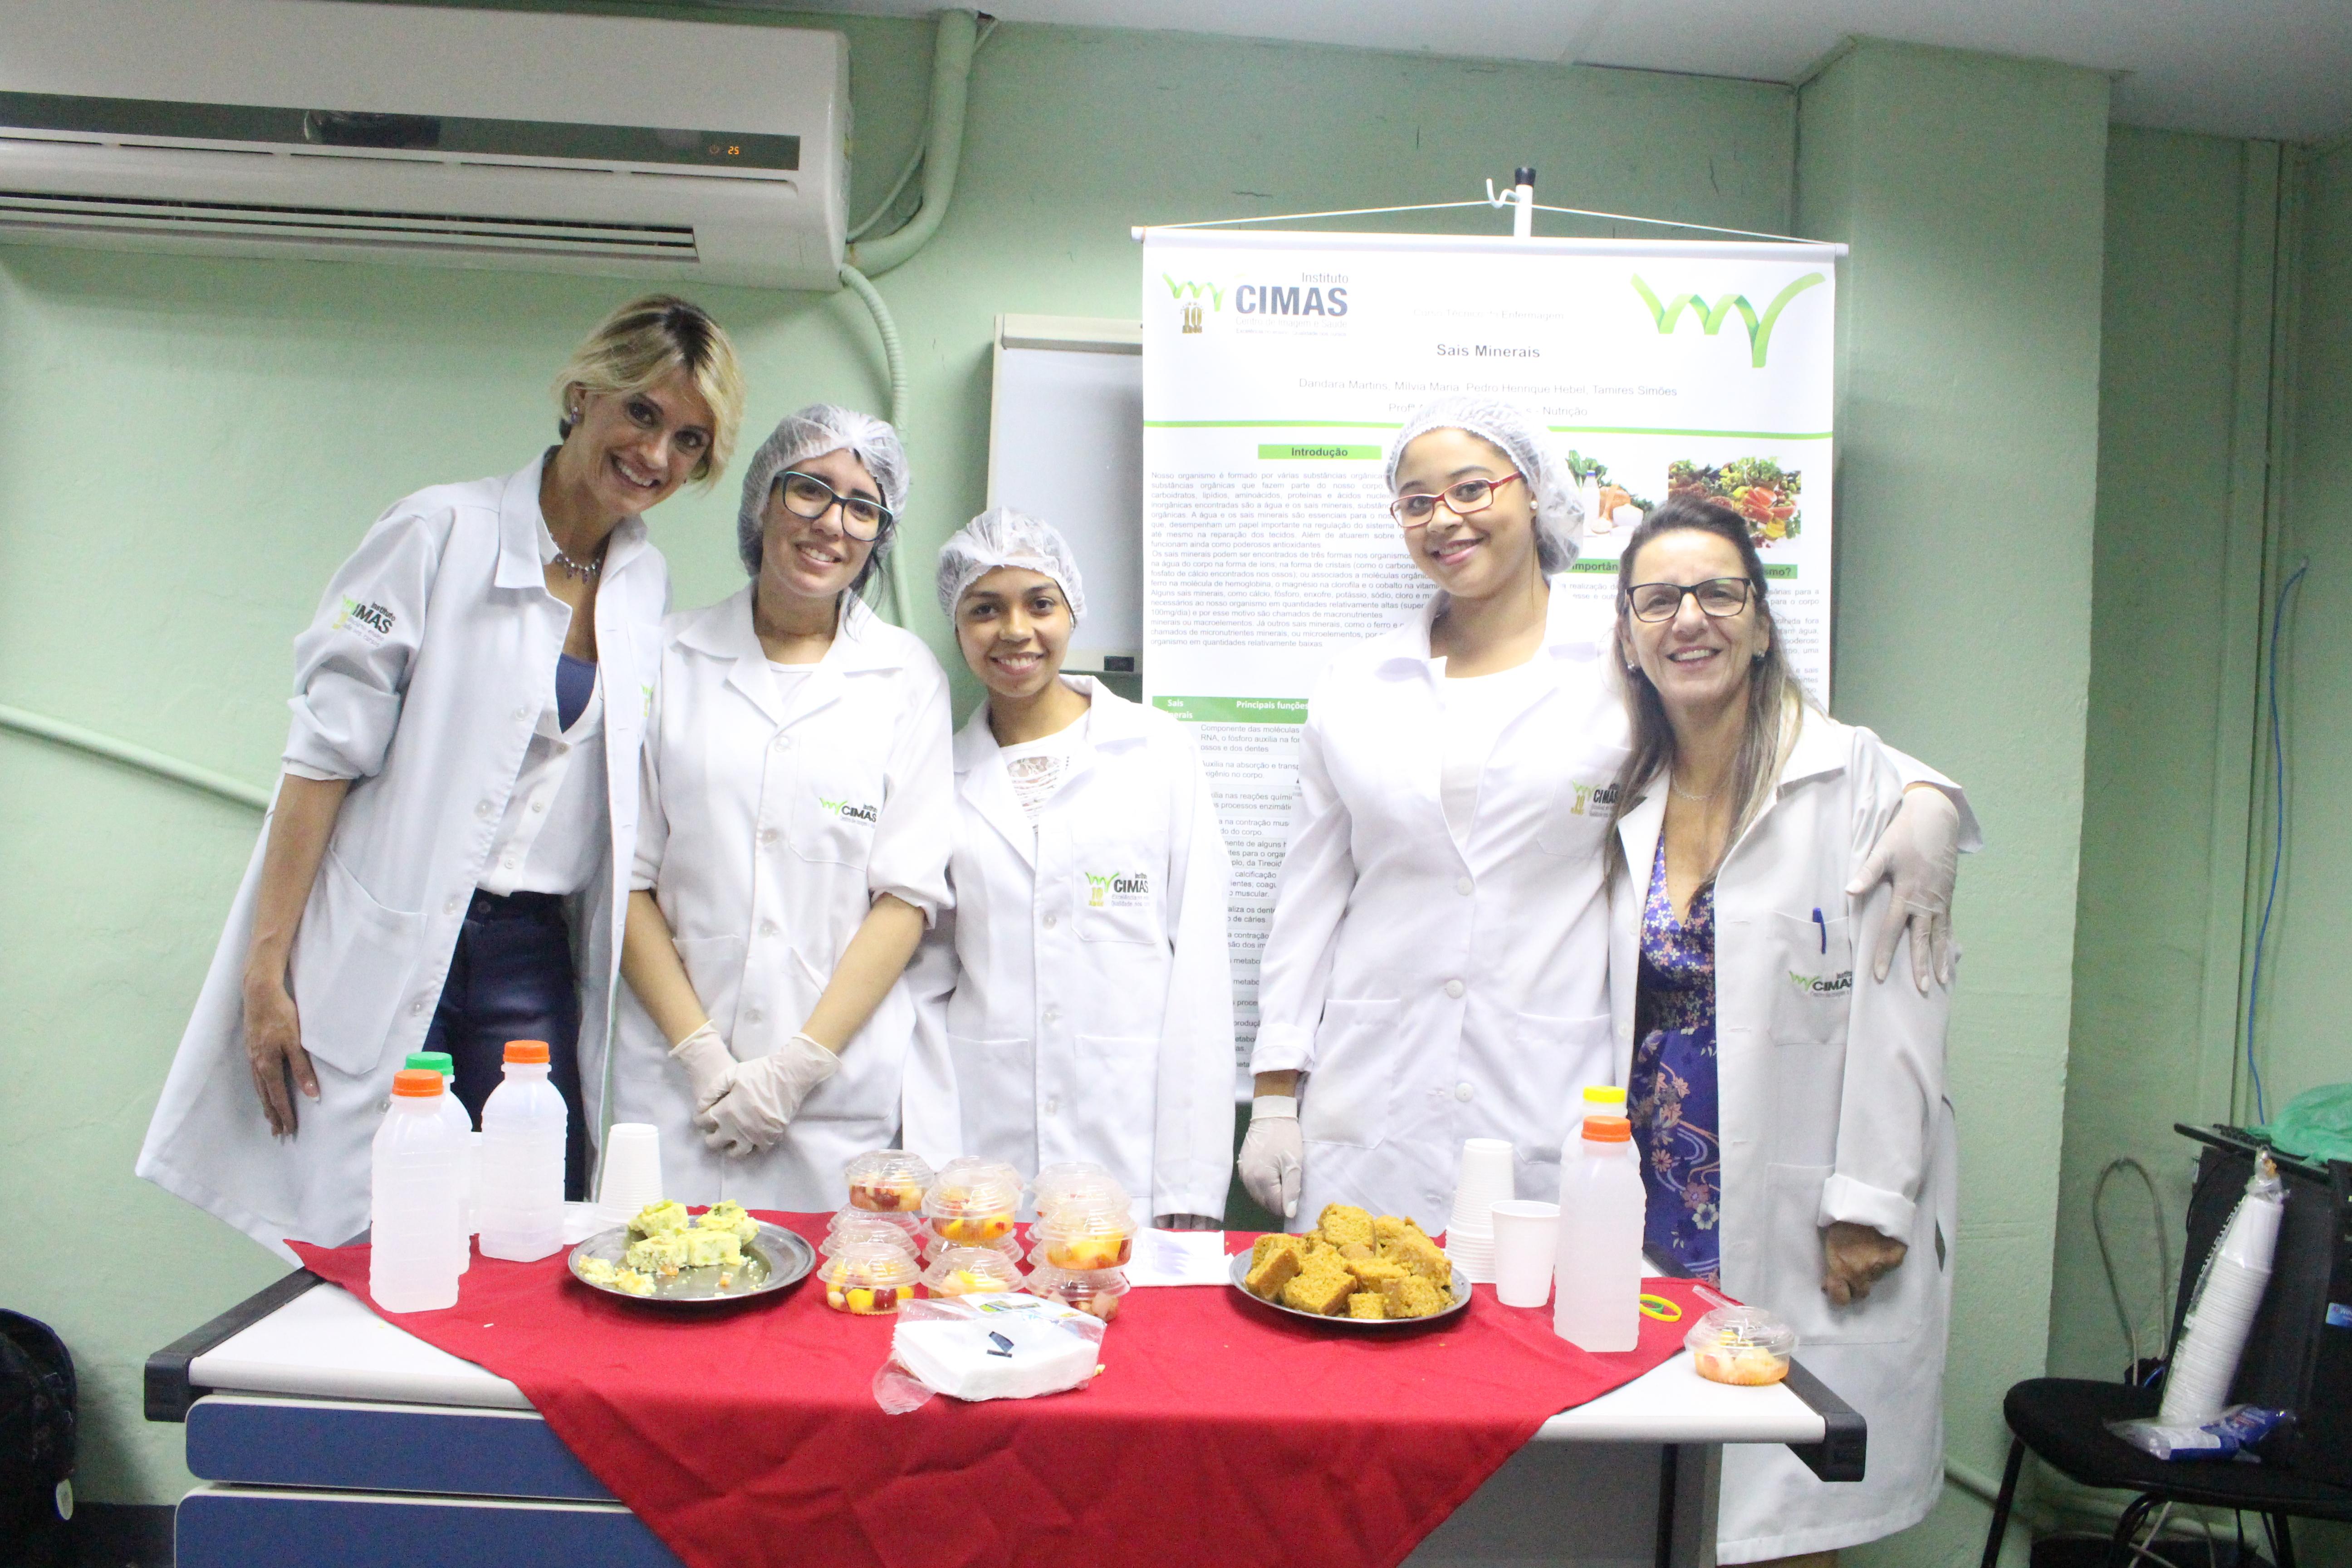 - Feira de Nutrição dos Alunos de enfermagem 1ºs/2018